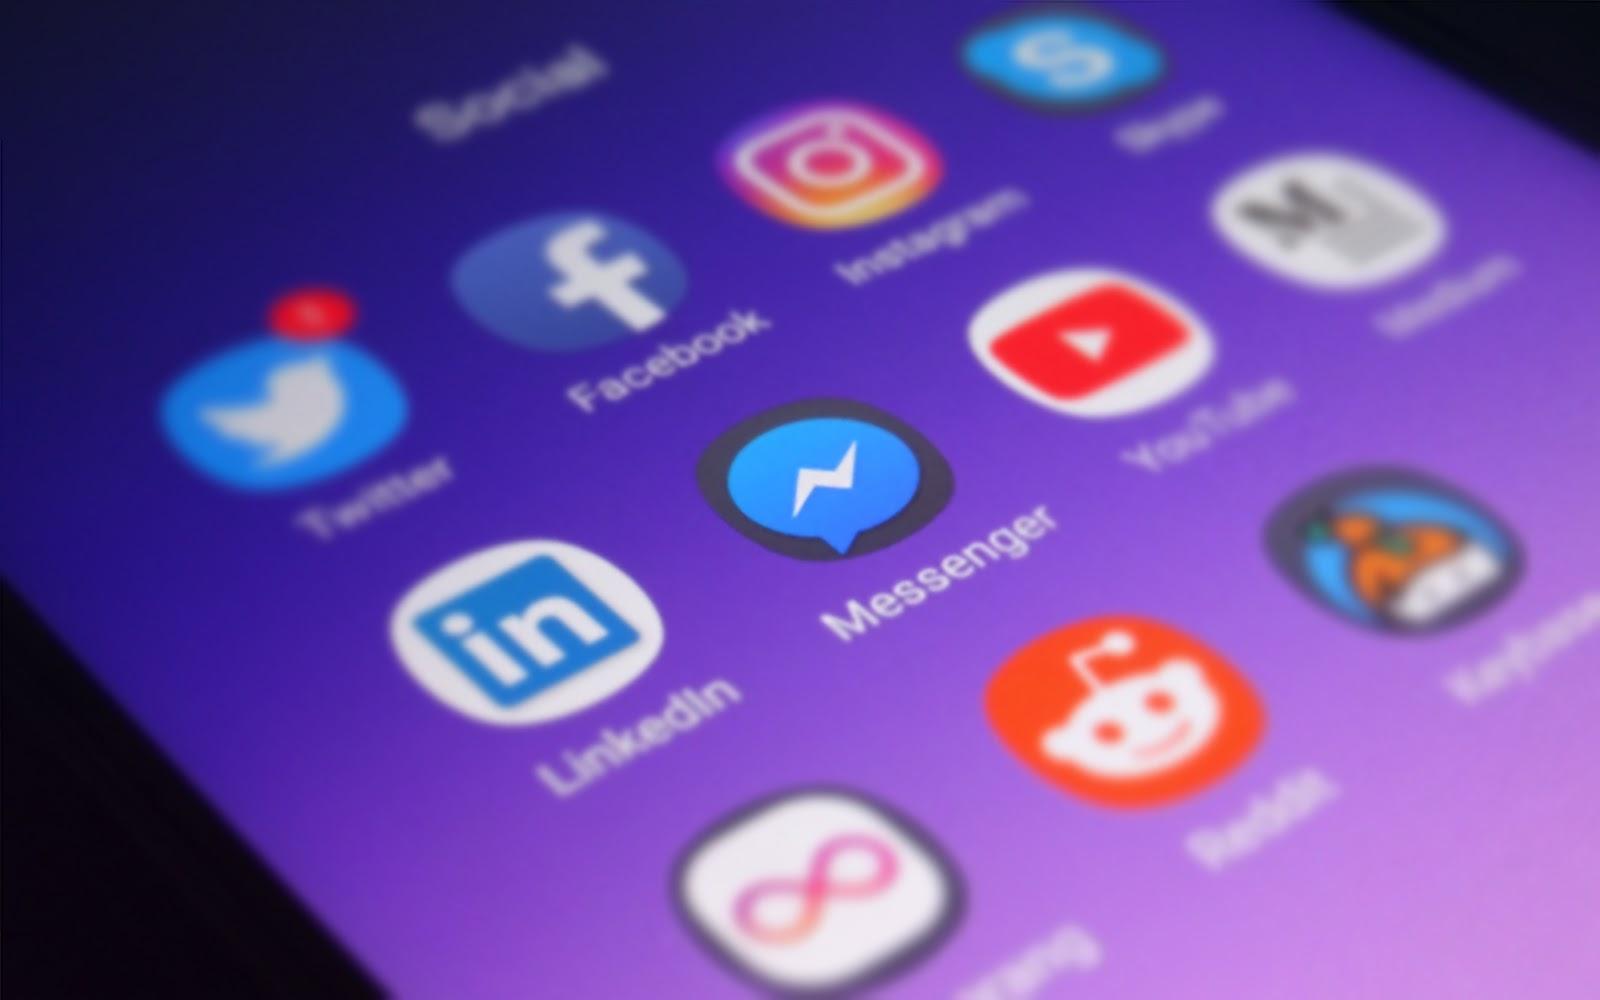 Cara Memilih Jasa Pembuatan Aplikasi Android Profesional Dan Berkualitas